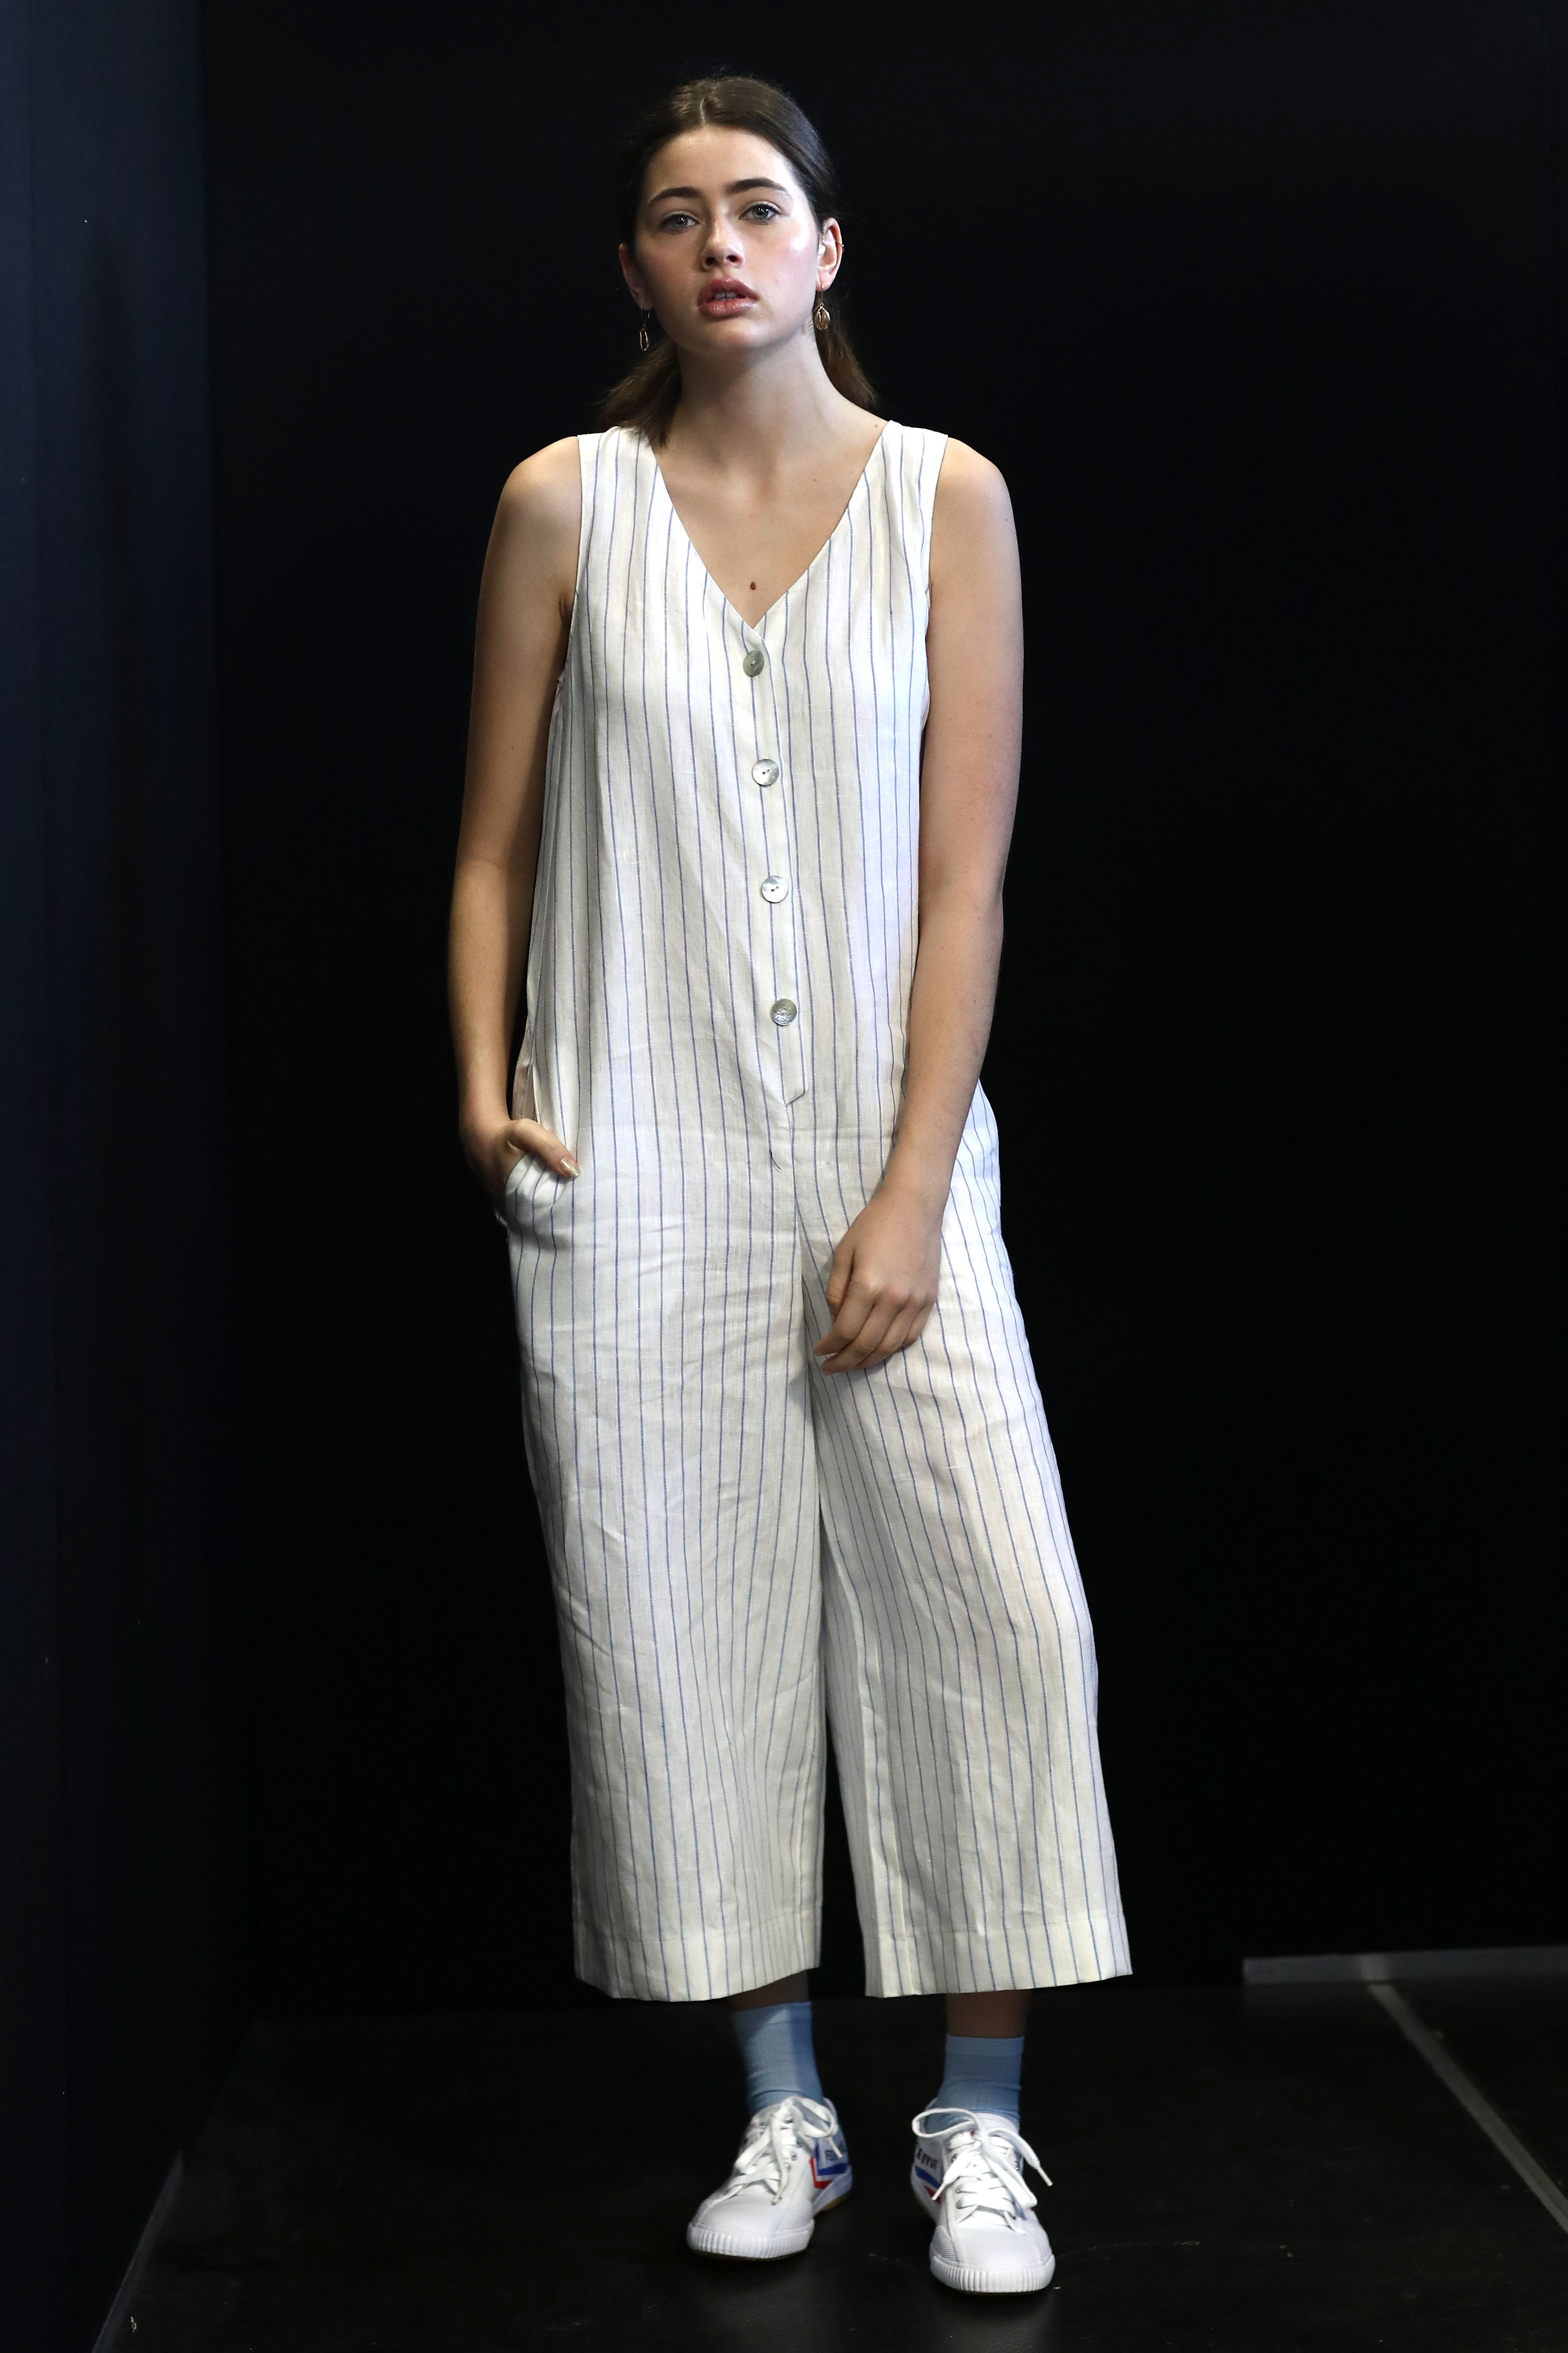 Hej Hej - Backstage - New Zealand Fashion Week 2018